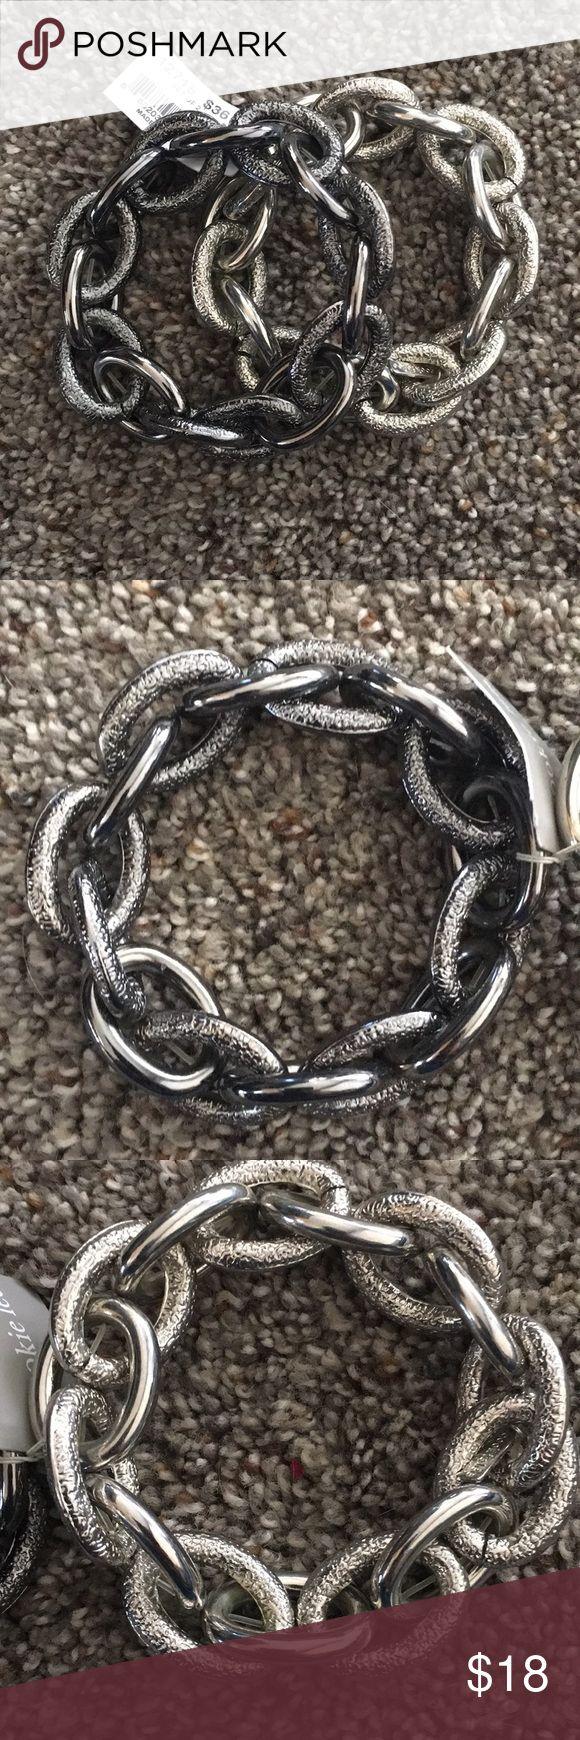 Chain link bracelets Chain link bracelets Cookie Lee Jewelry Bracelets